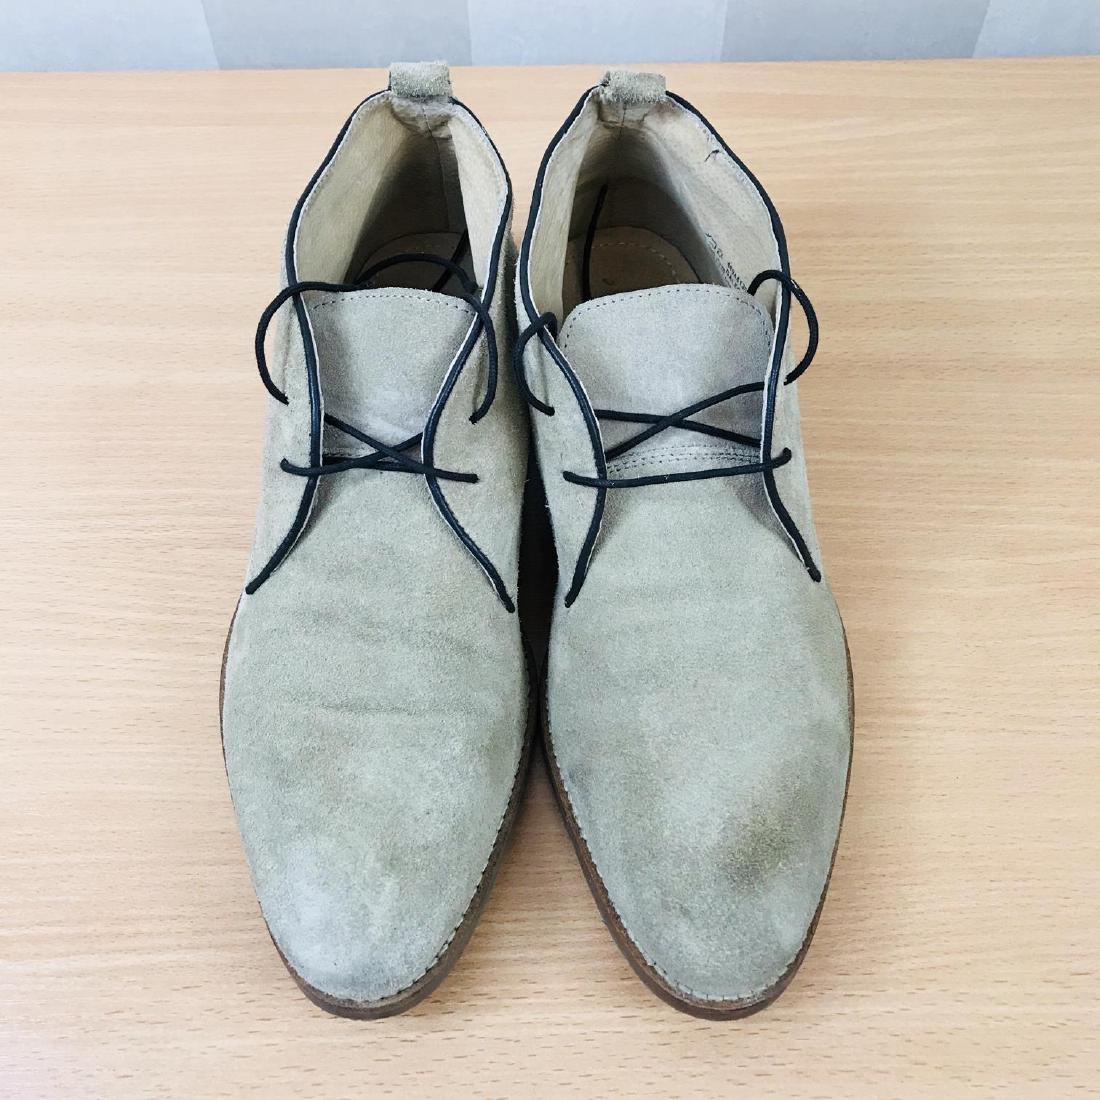 Vintage Men's Suede Leather Shoes Size EUR 44 US 11 - 6